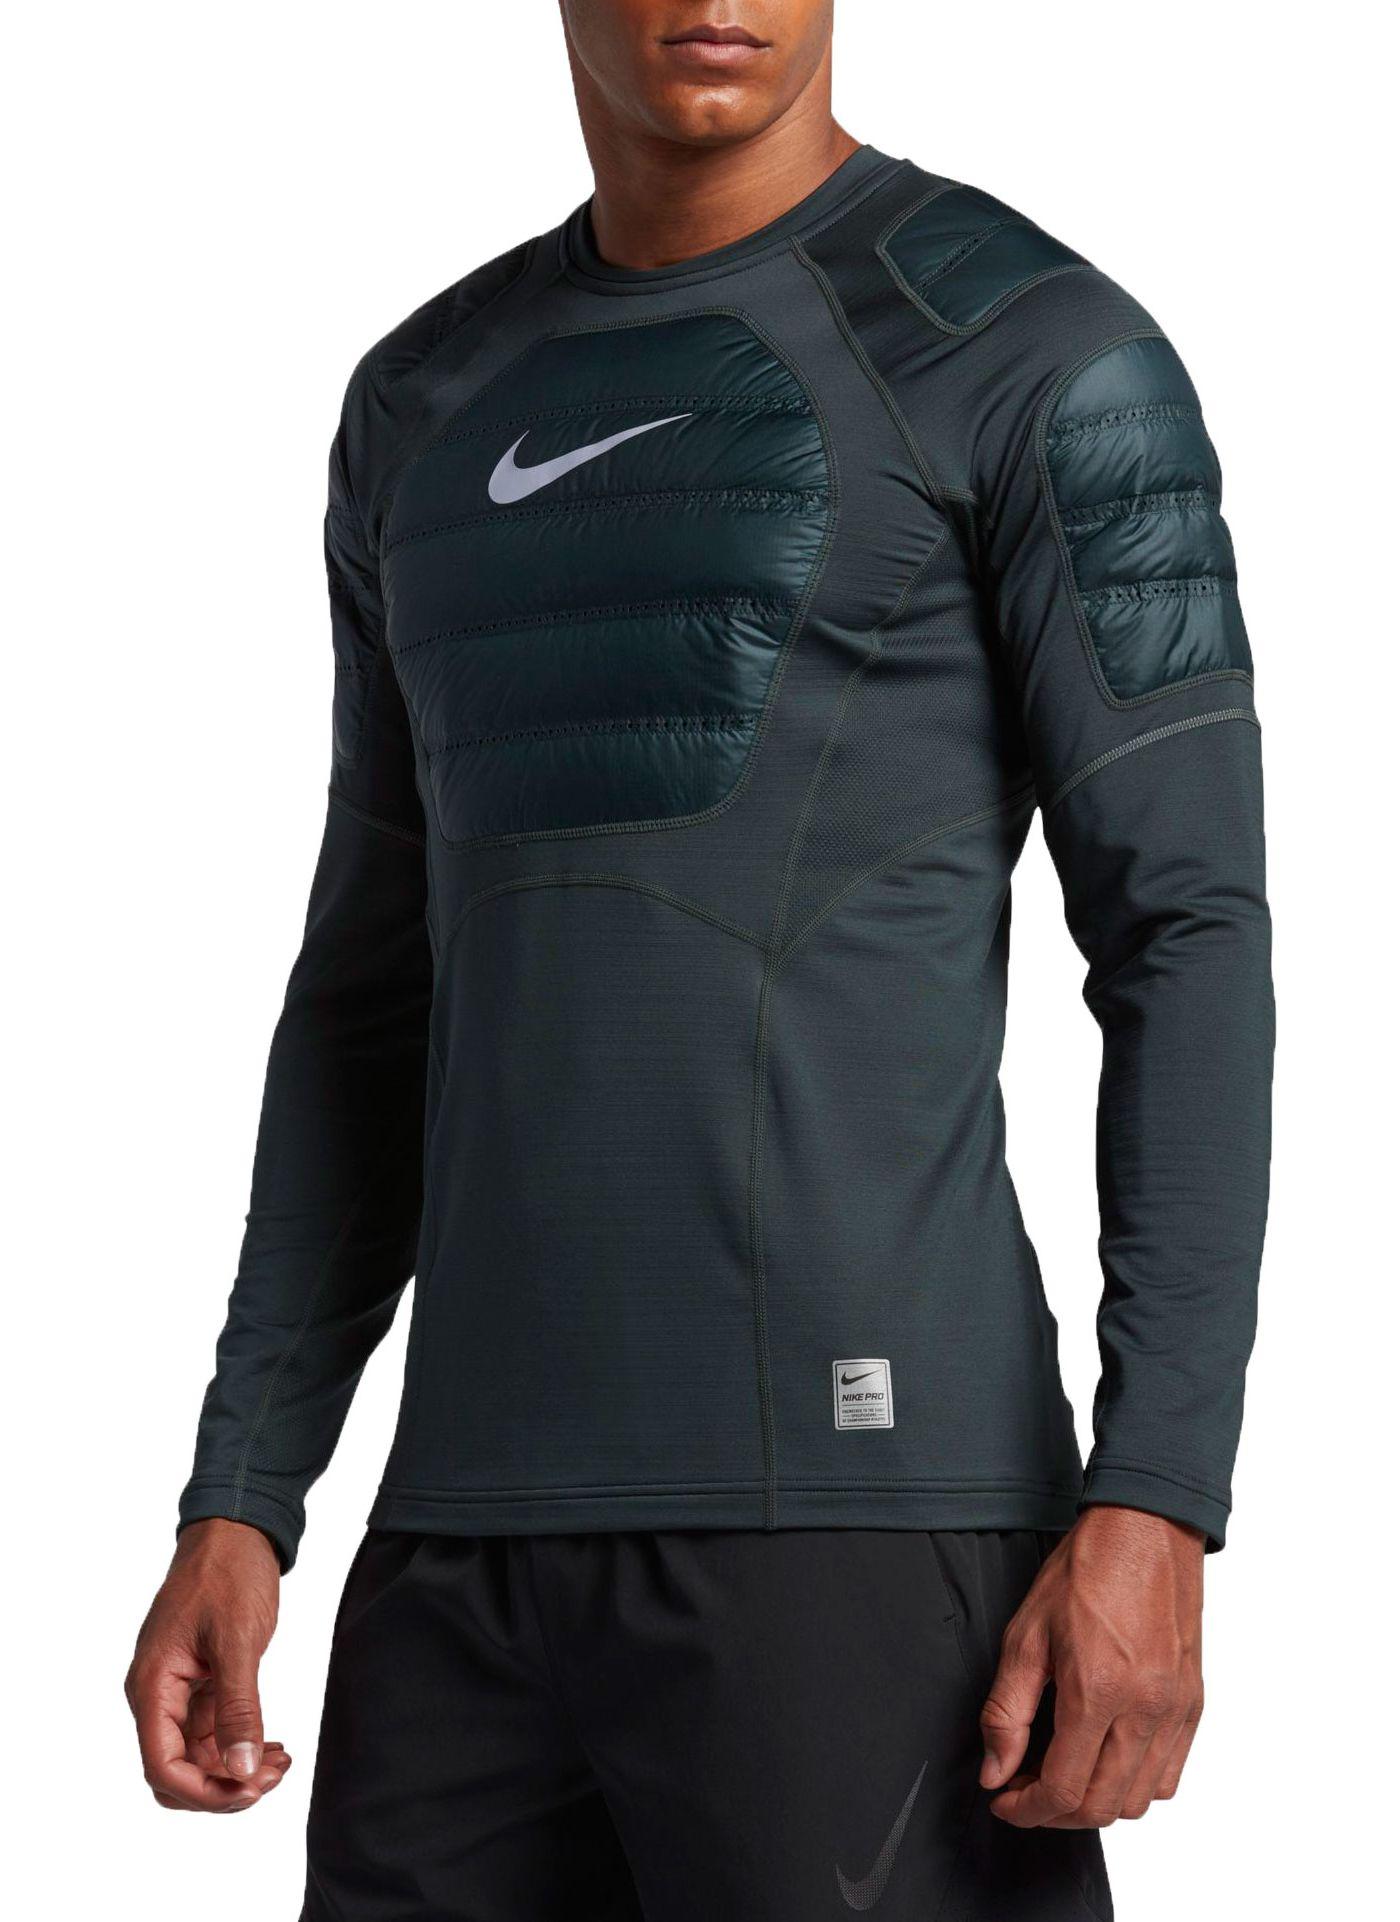 Nike Men's Pro Aeroloft Long Sleeve Shirt